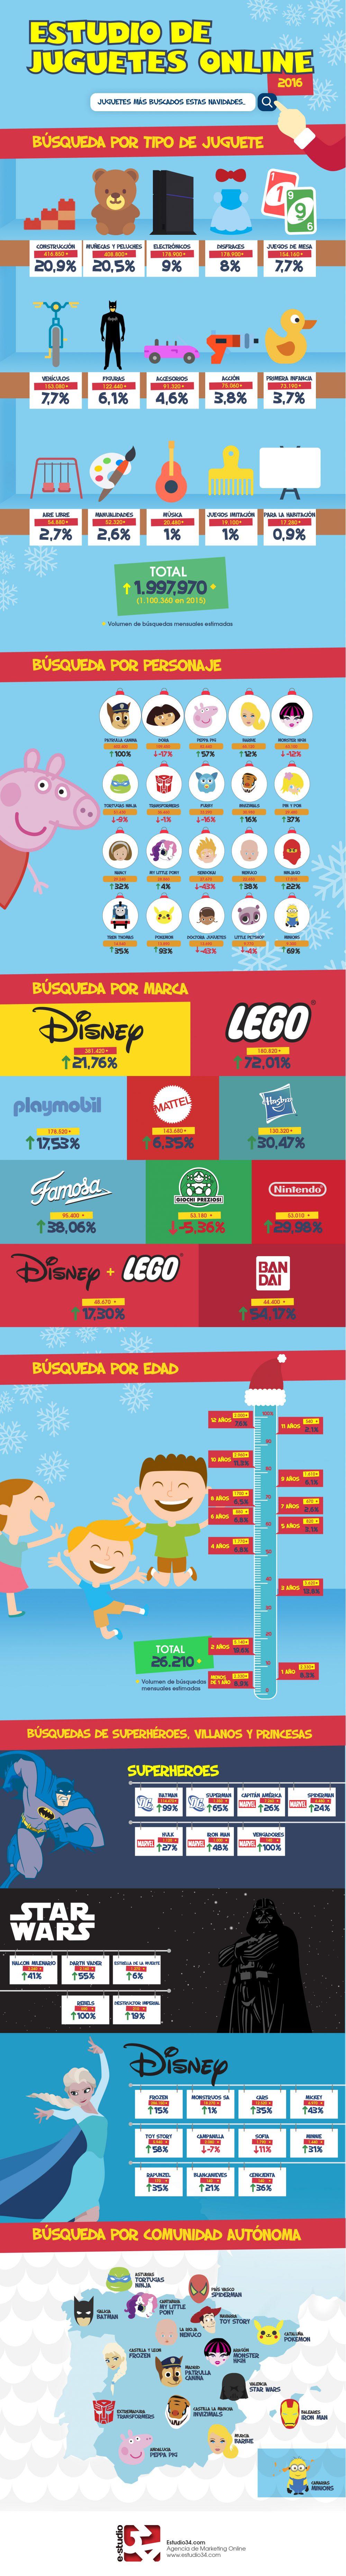 lista juguetes 2016 infografia